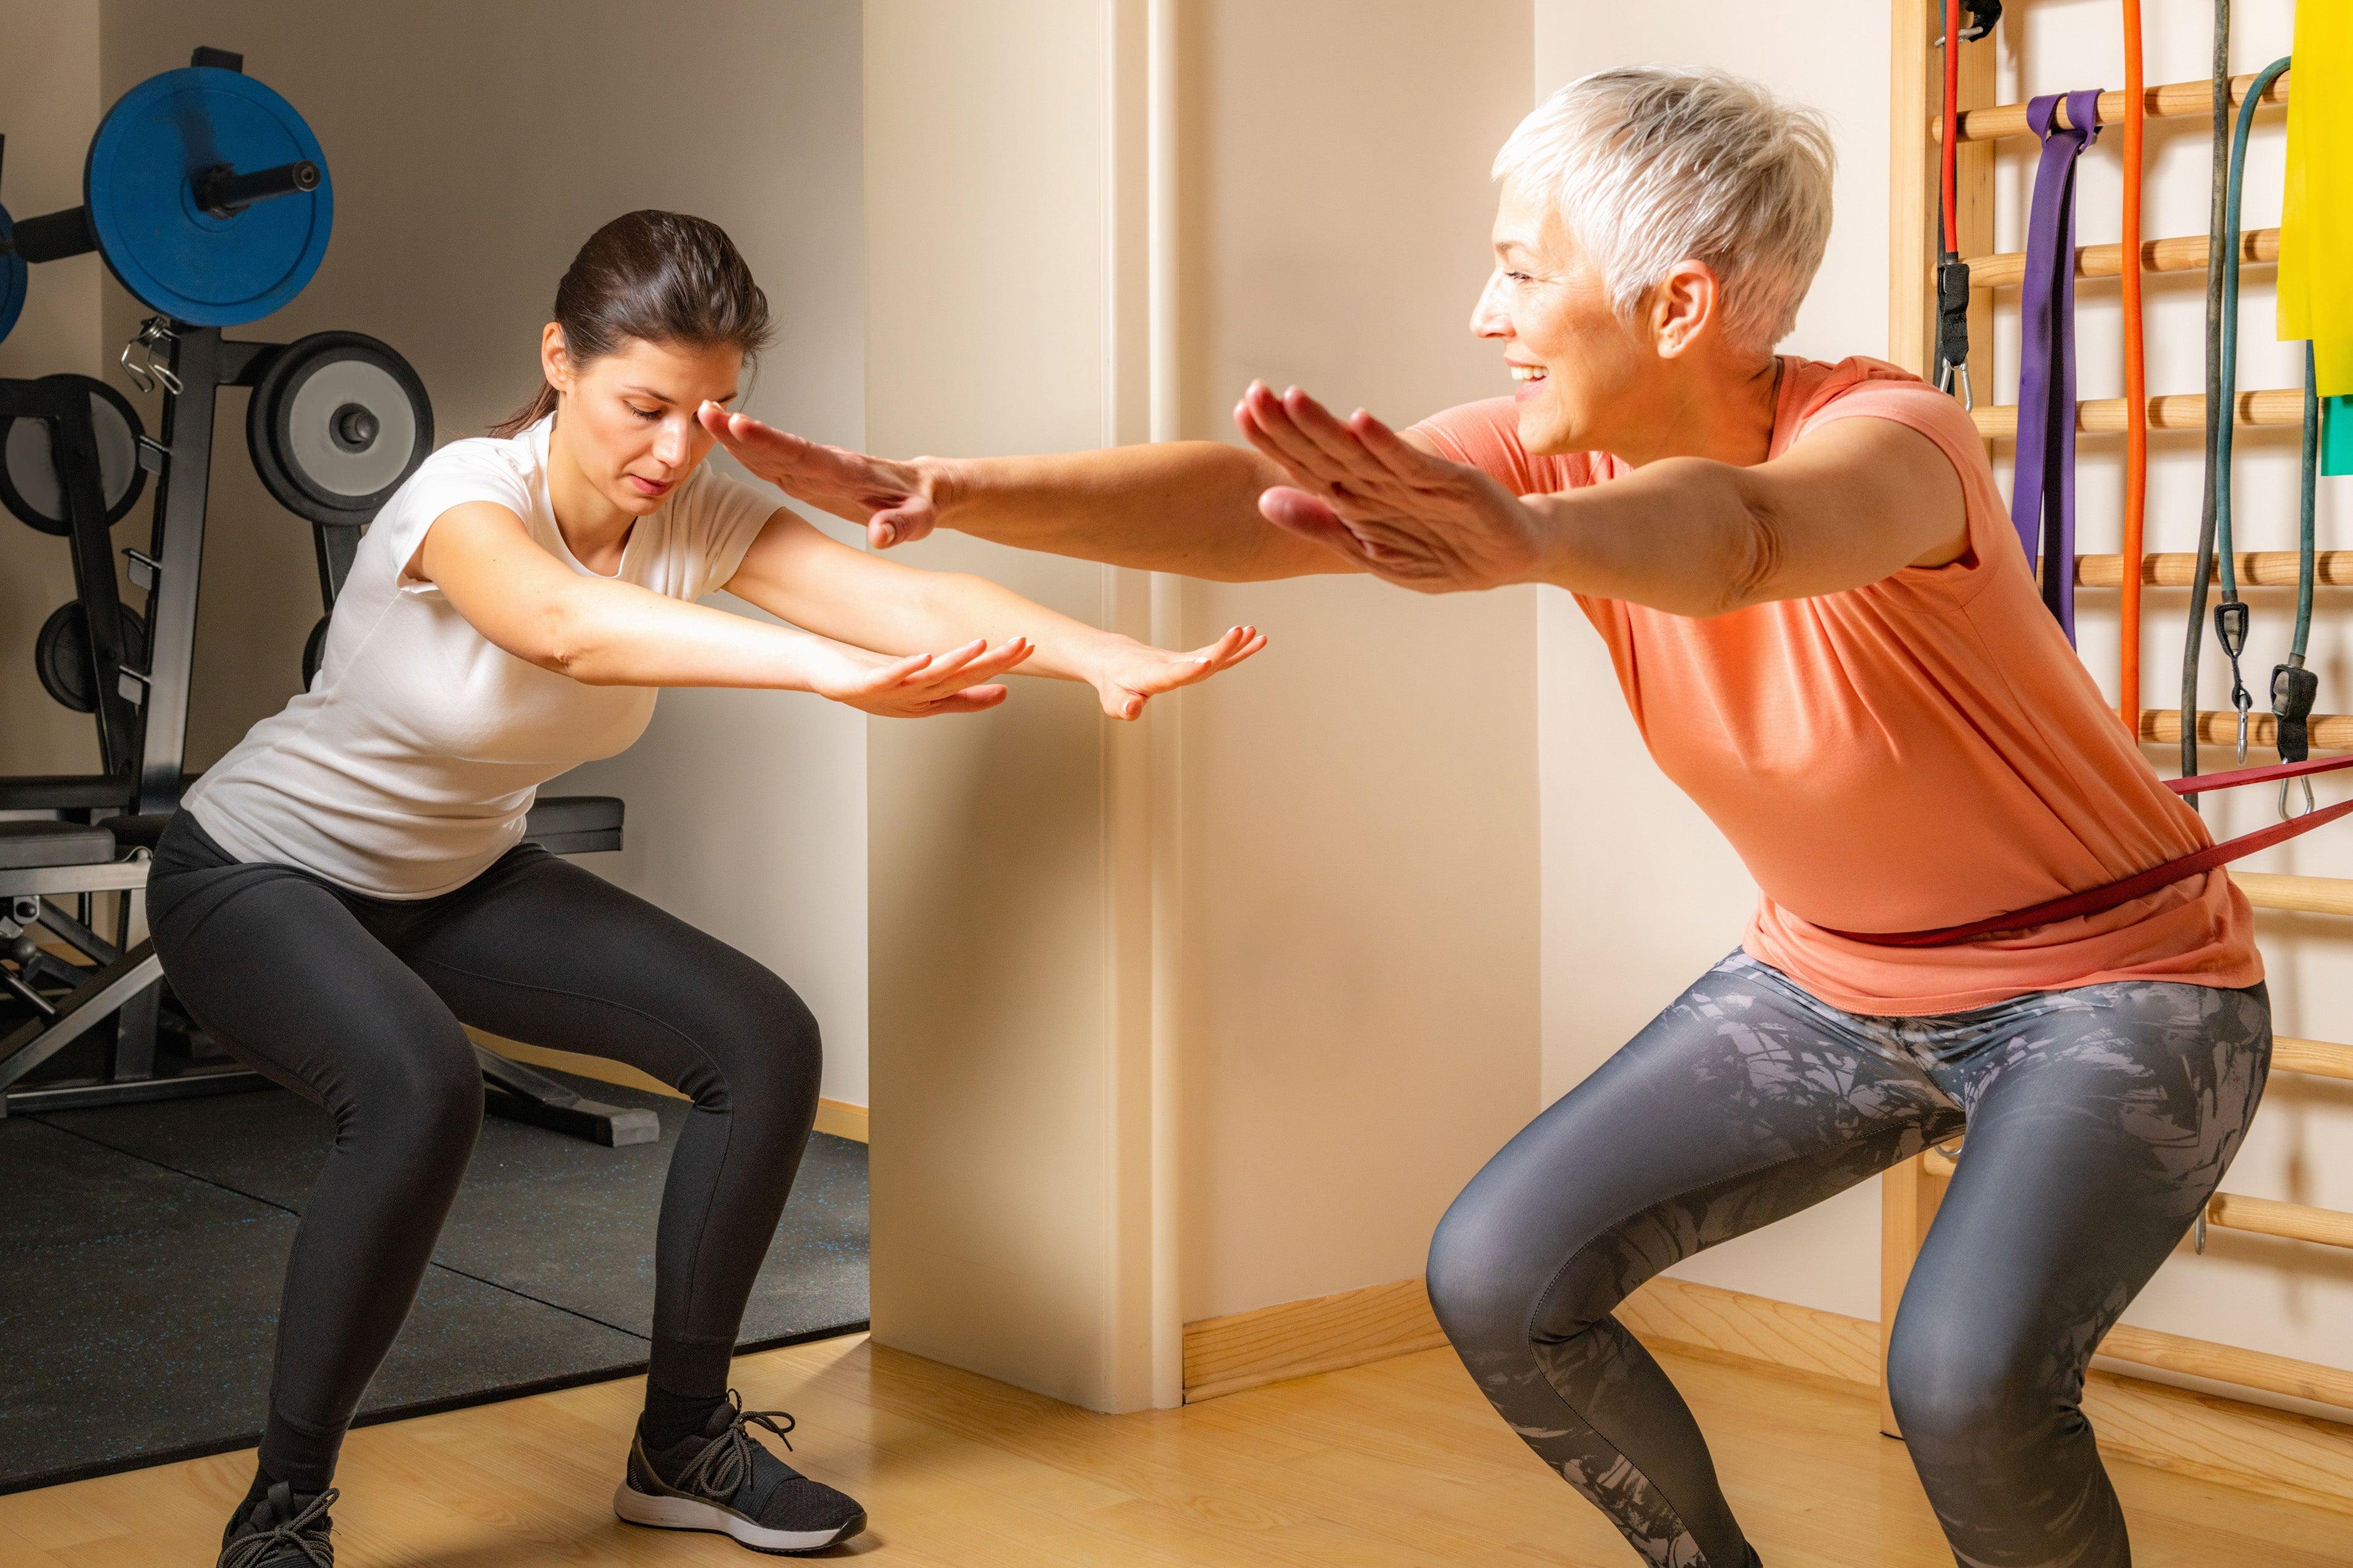 senior squat exercise